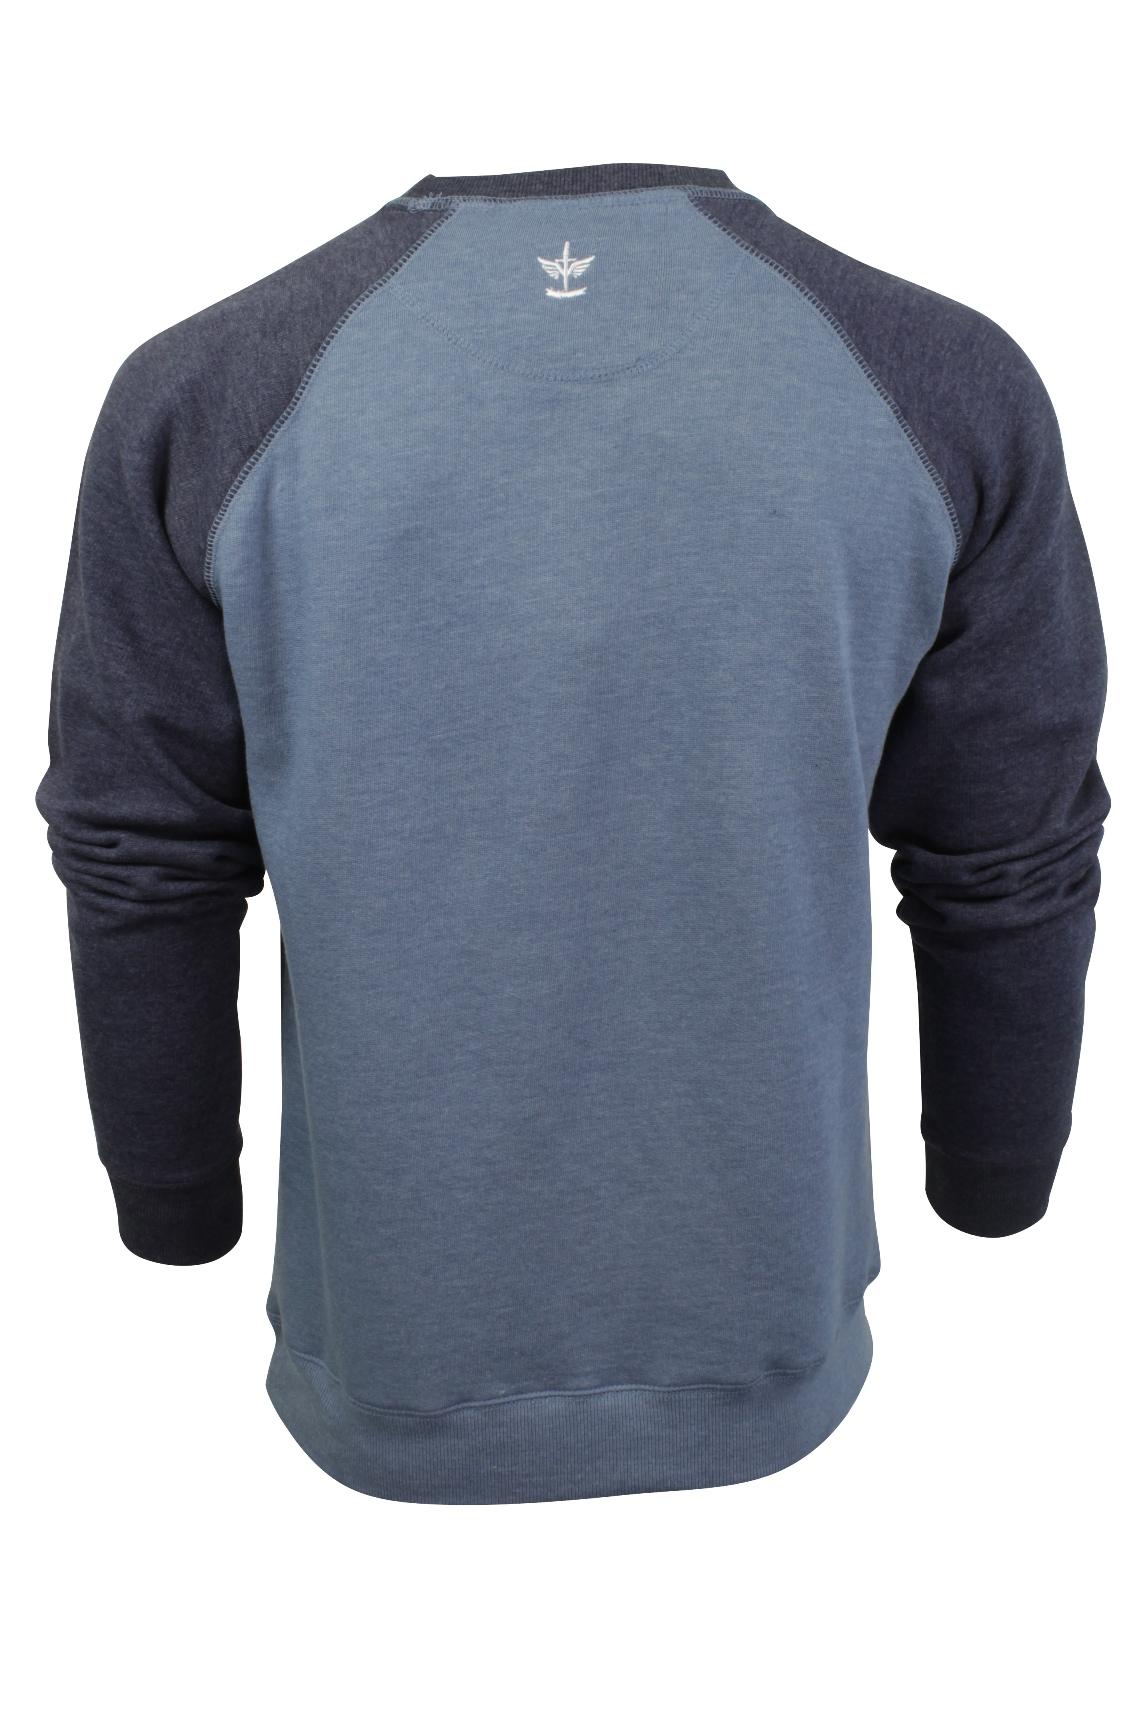 Jersey-Para-Hombre-Top-de-sudor-por-Firetrap-039-represento-039-Cuello-Redondo miniatura 6